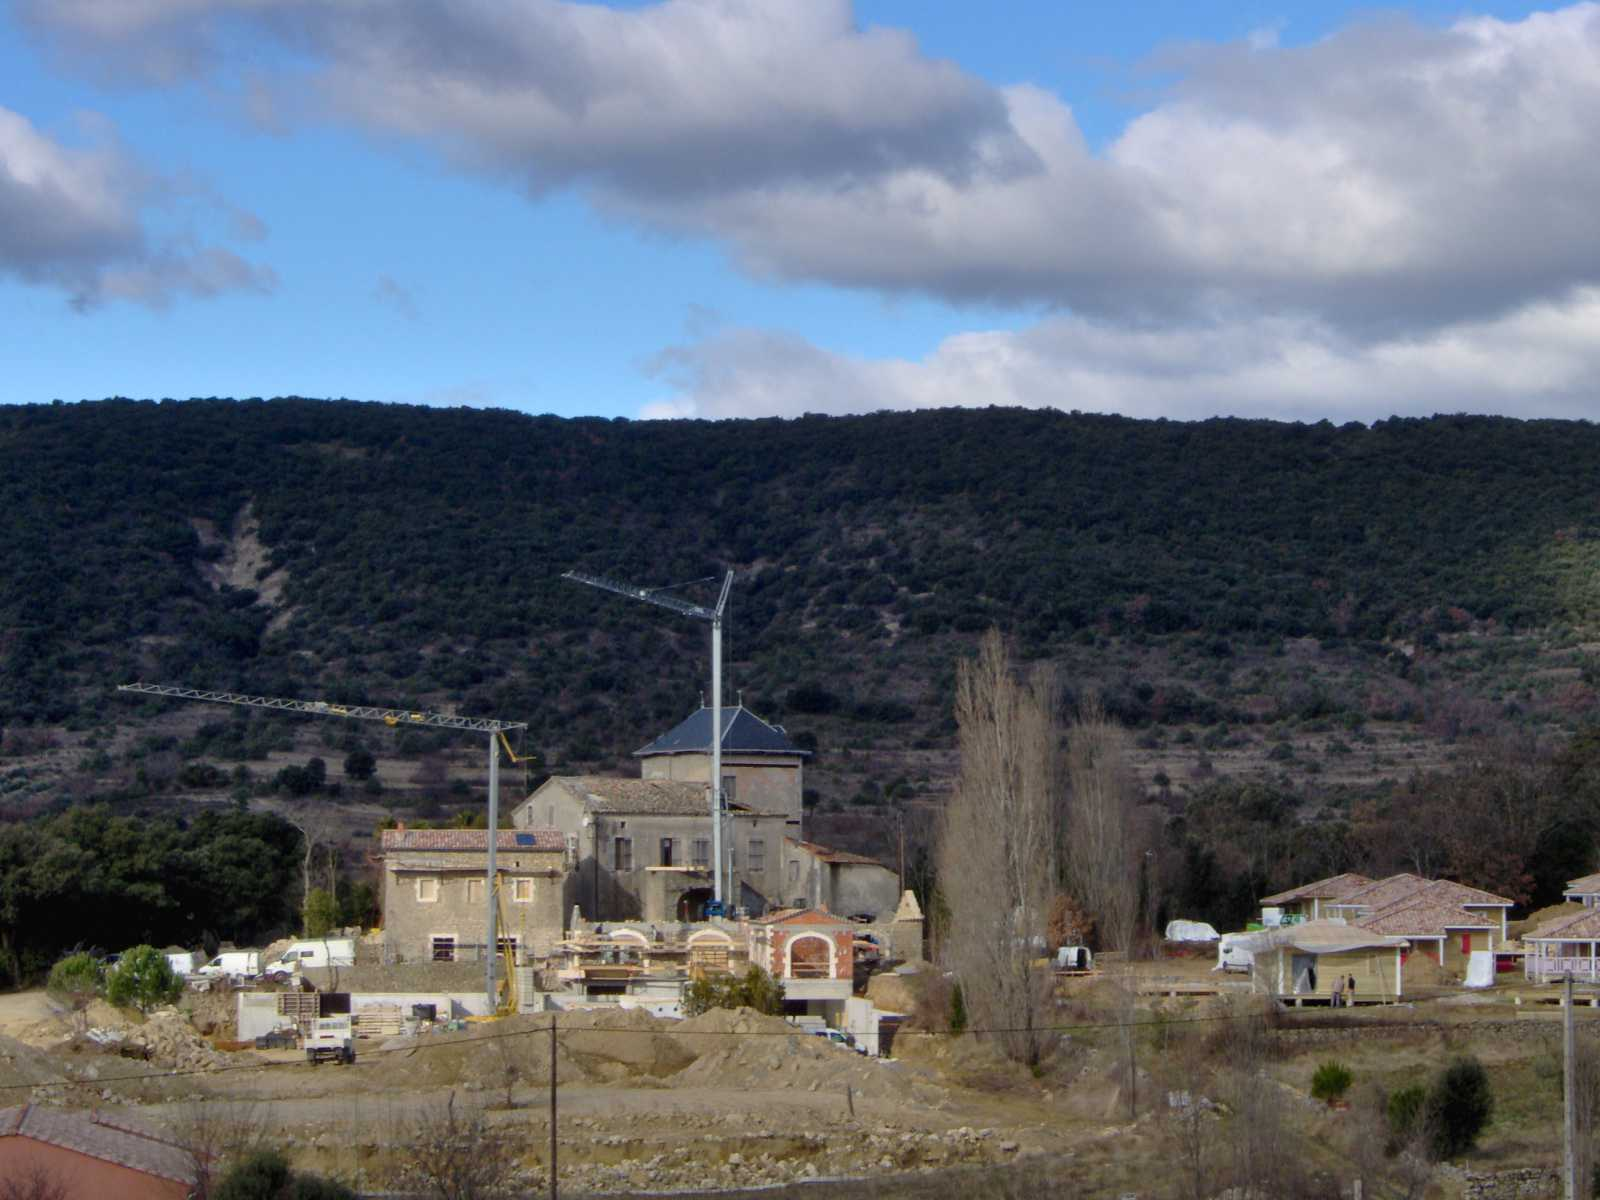 domaine de sevenier spa historique photo3 - Présentation du camping Ardèche 5 étoiles